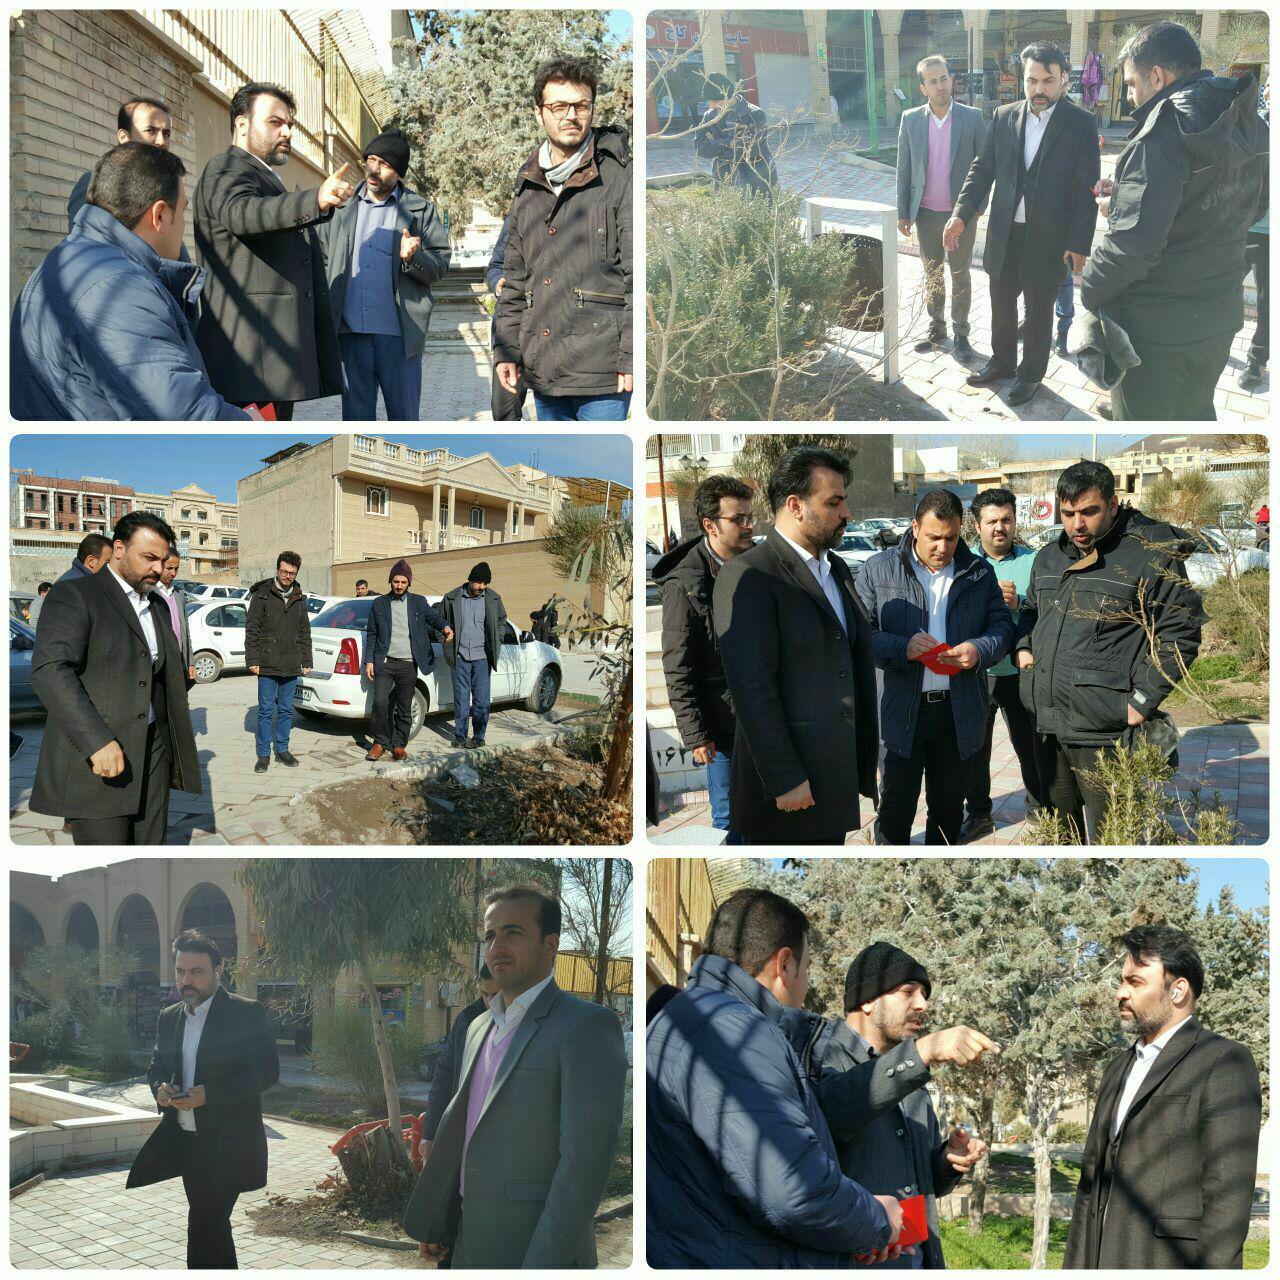 مدیریت شهر از کف خیابان/ افزایش کیفیت خدمات رسانی به شهروندان در دستور کار شهرداری پرند